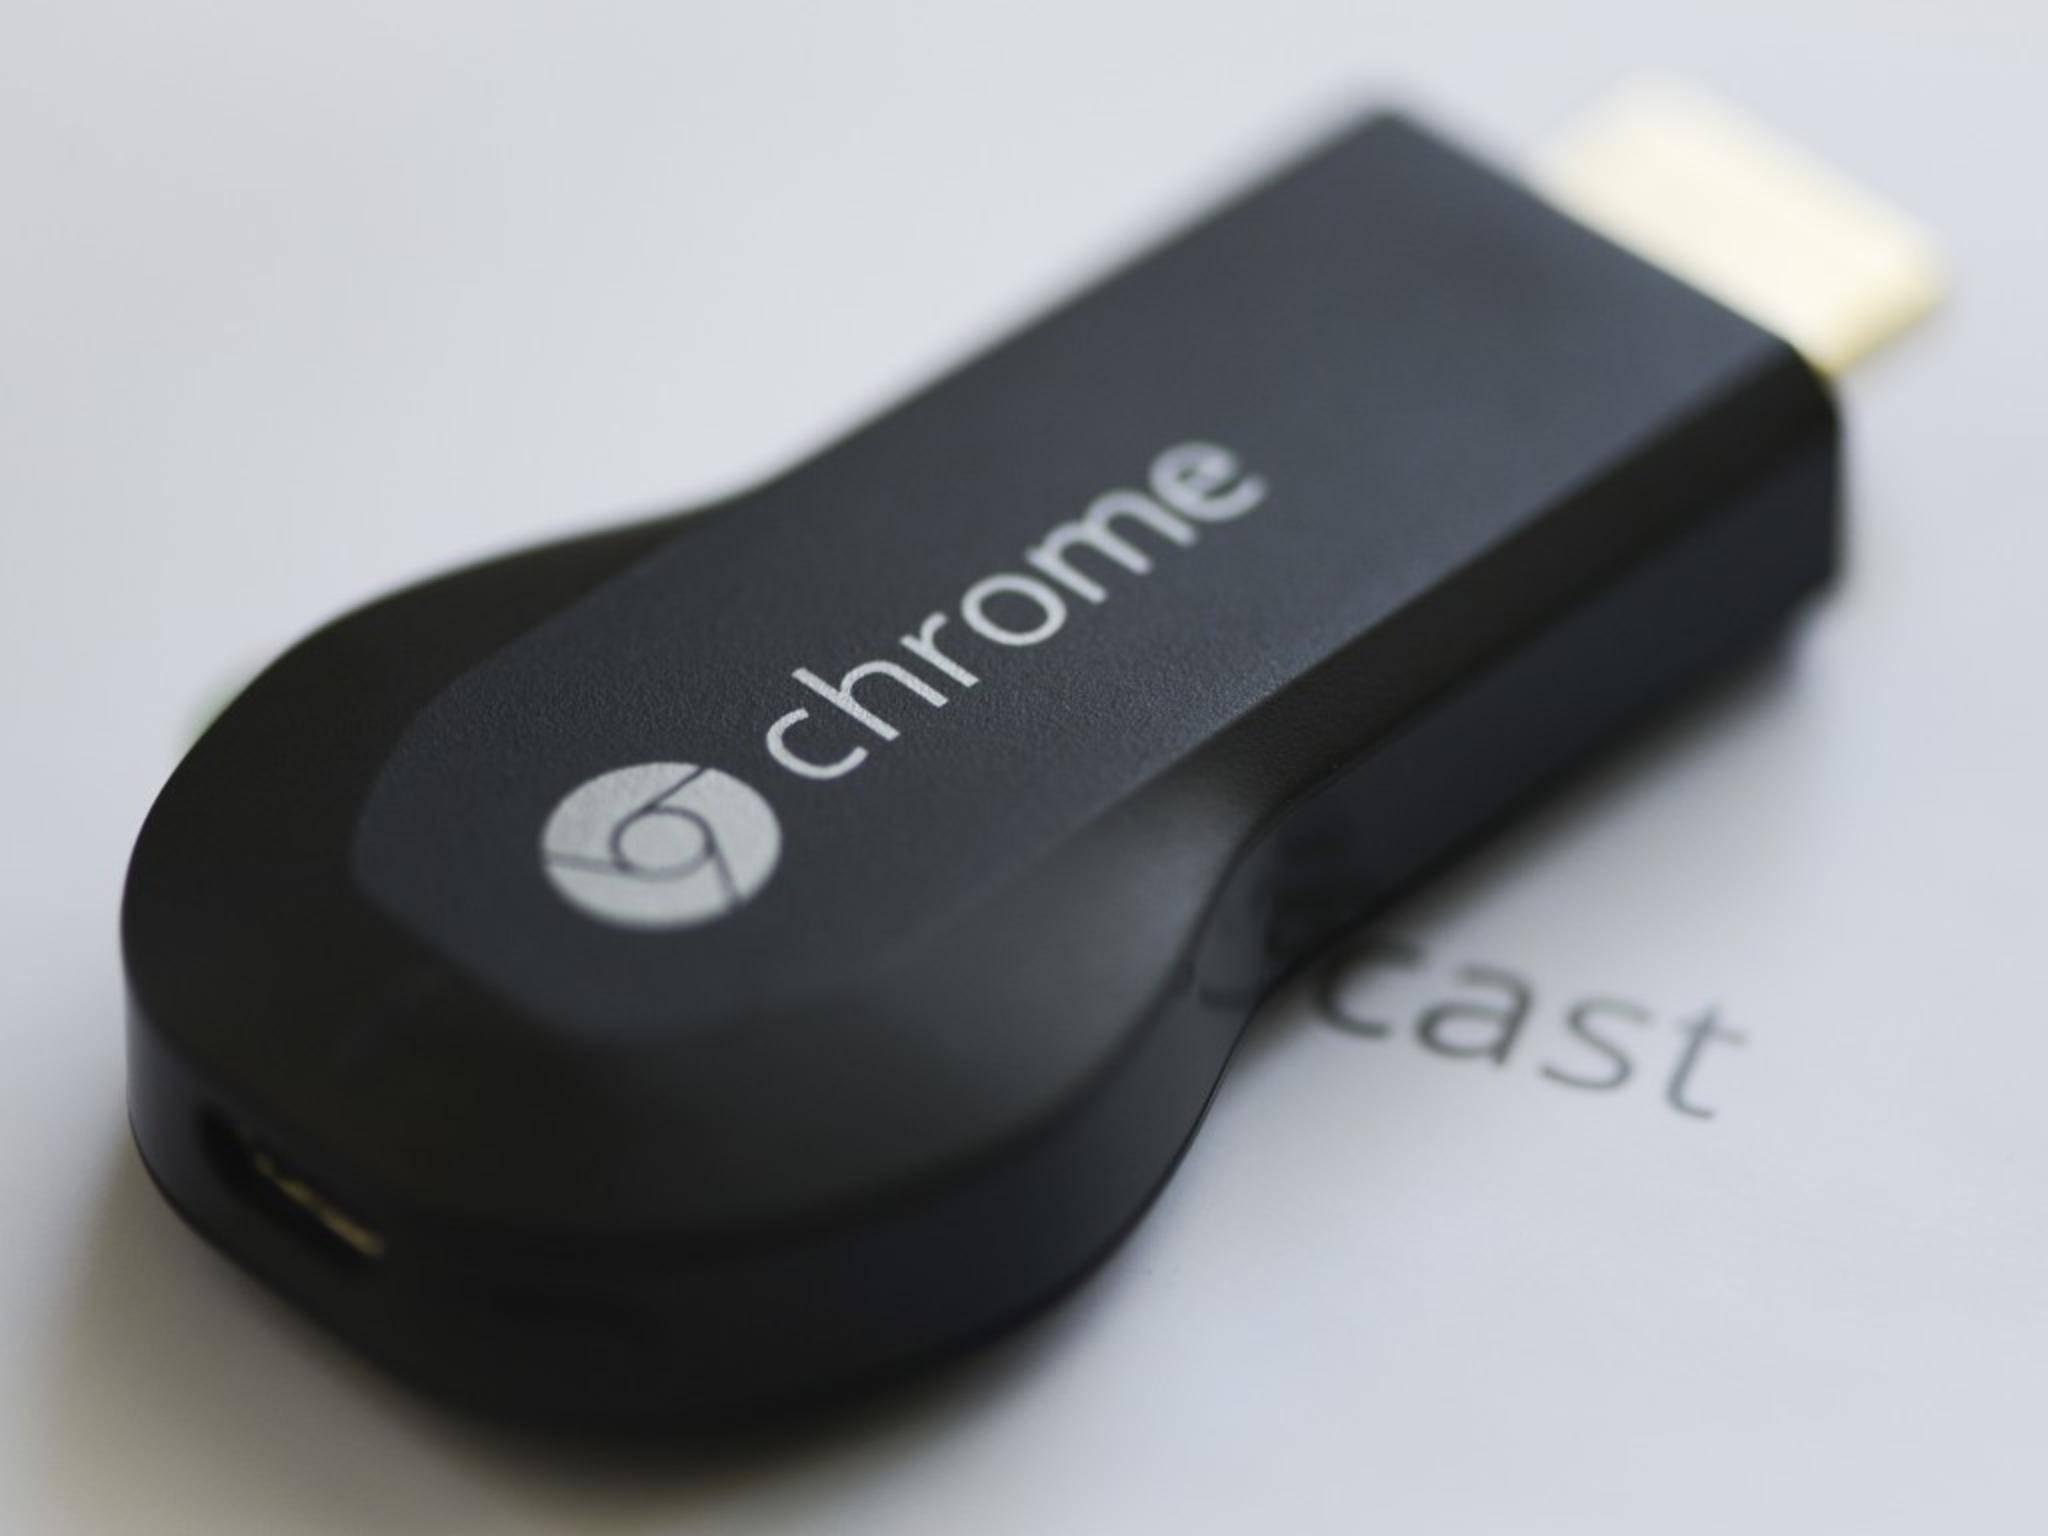 Chromecast spiegelt den Inhalt des Smartphones.